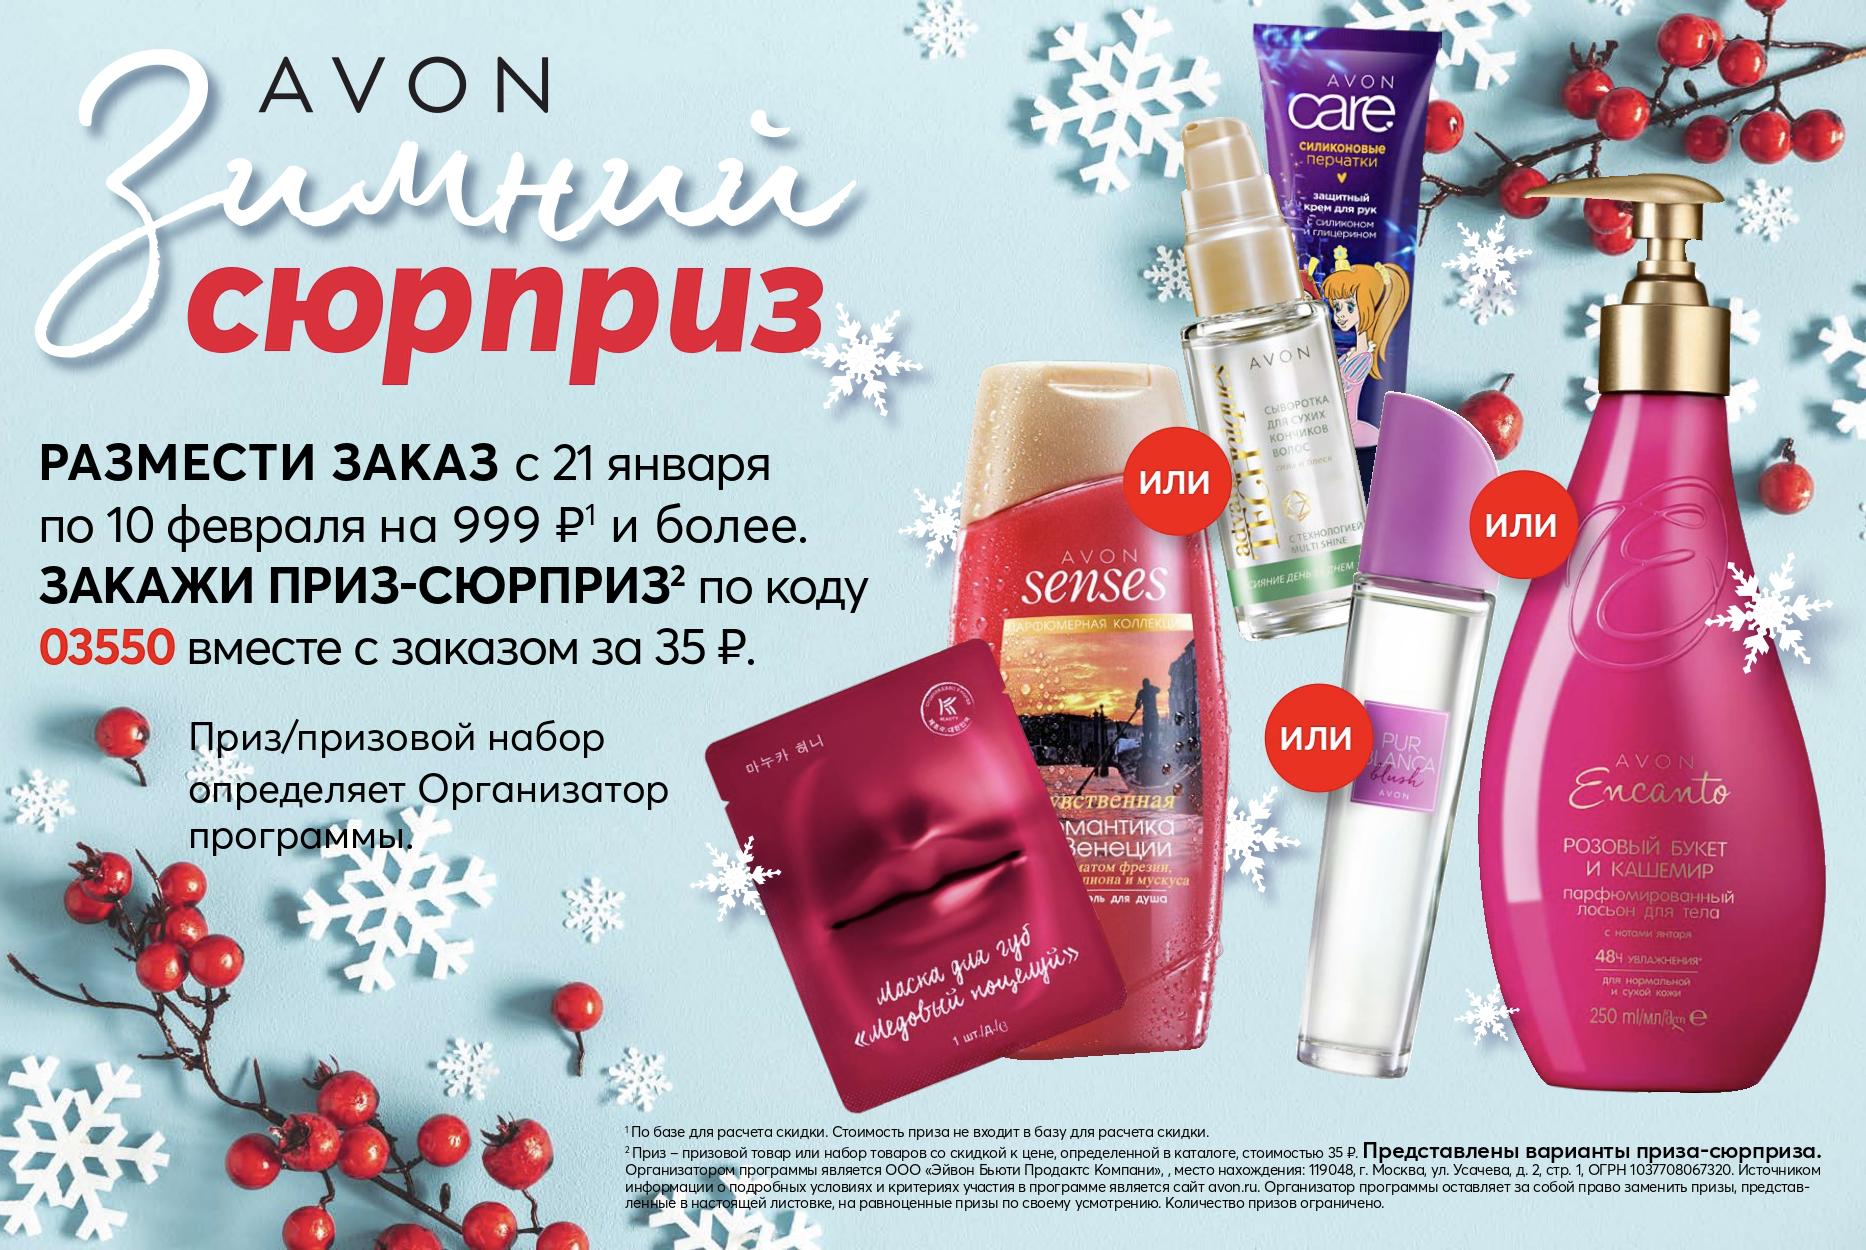 Ейвон акція саратов купить профессиональную косметику для